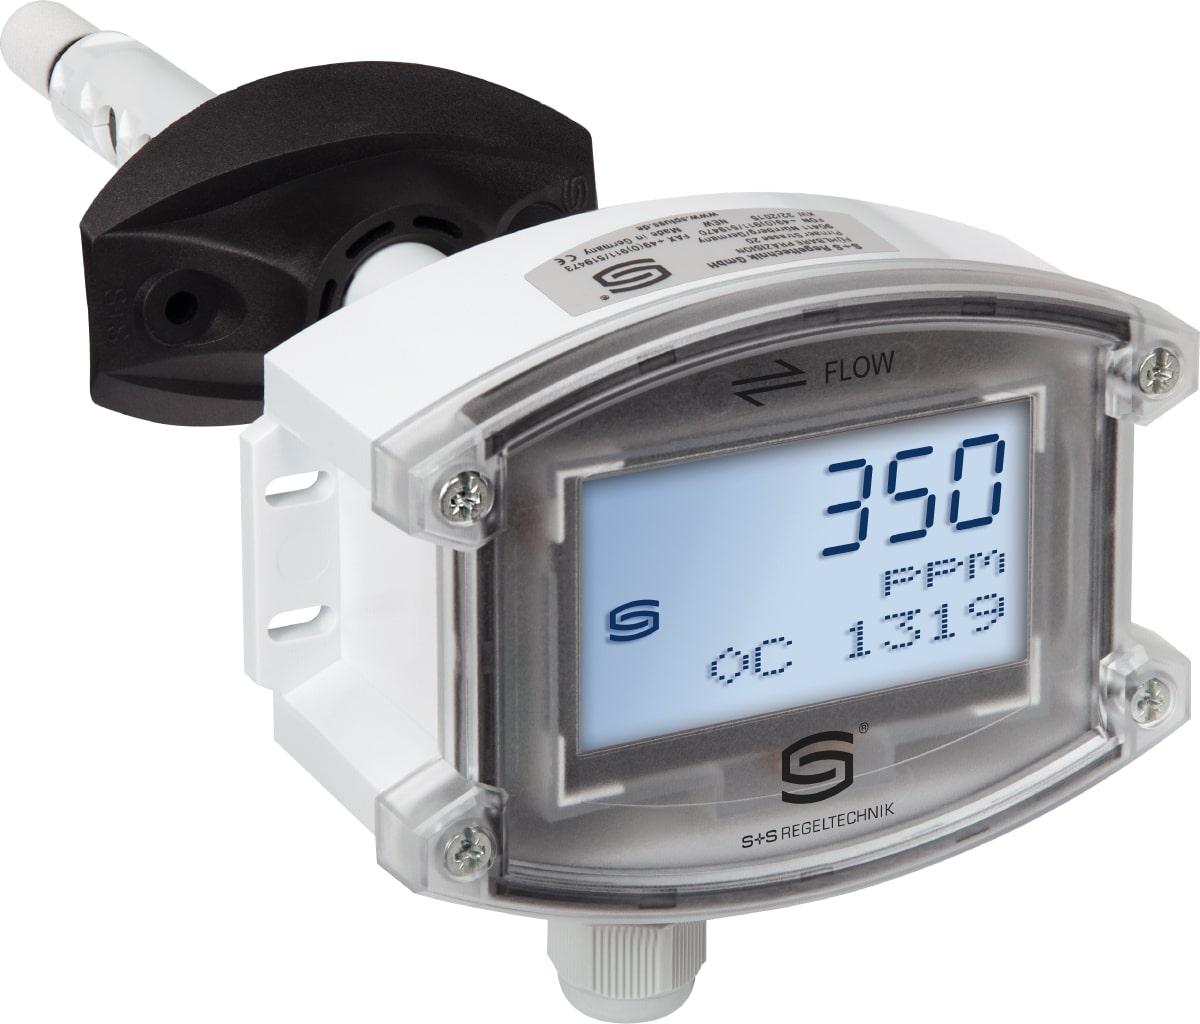 KFTM-LQ-CO2-LCD – Канальный датчик СО2, температуры и влажности